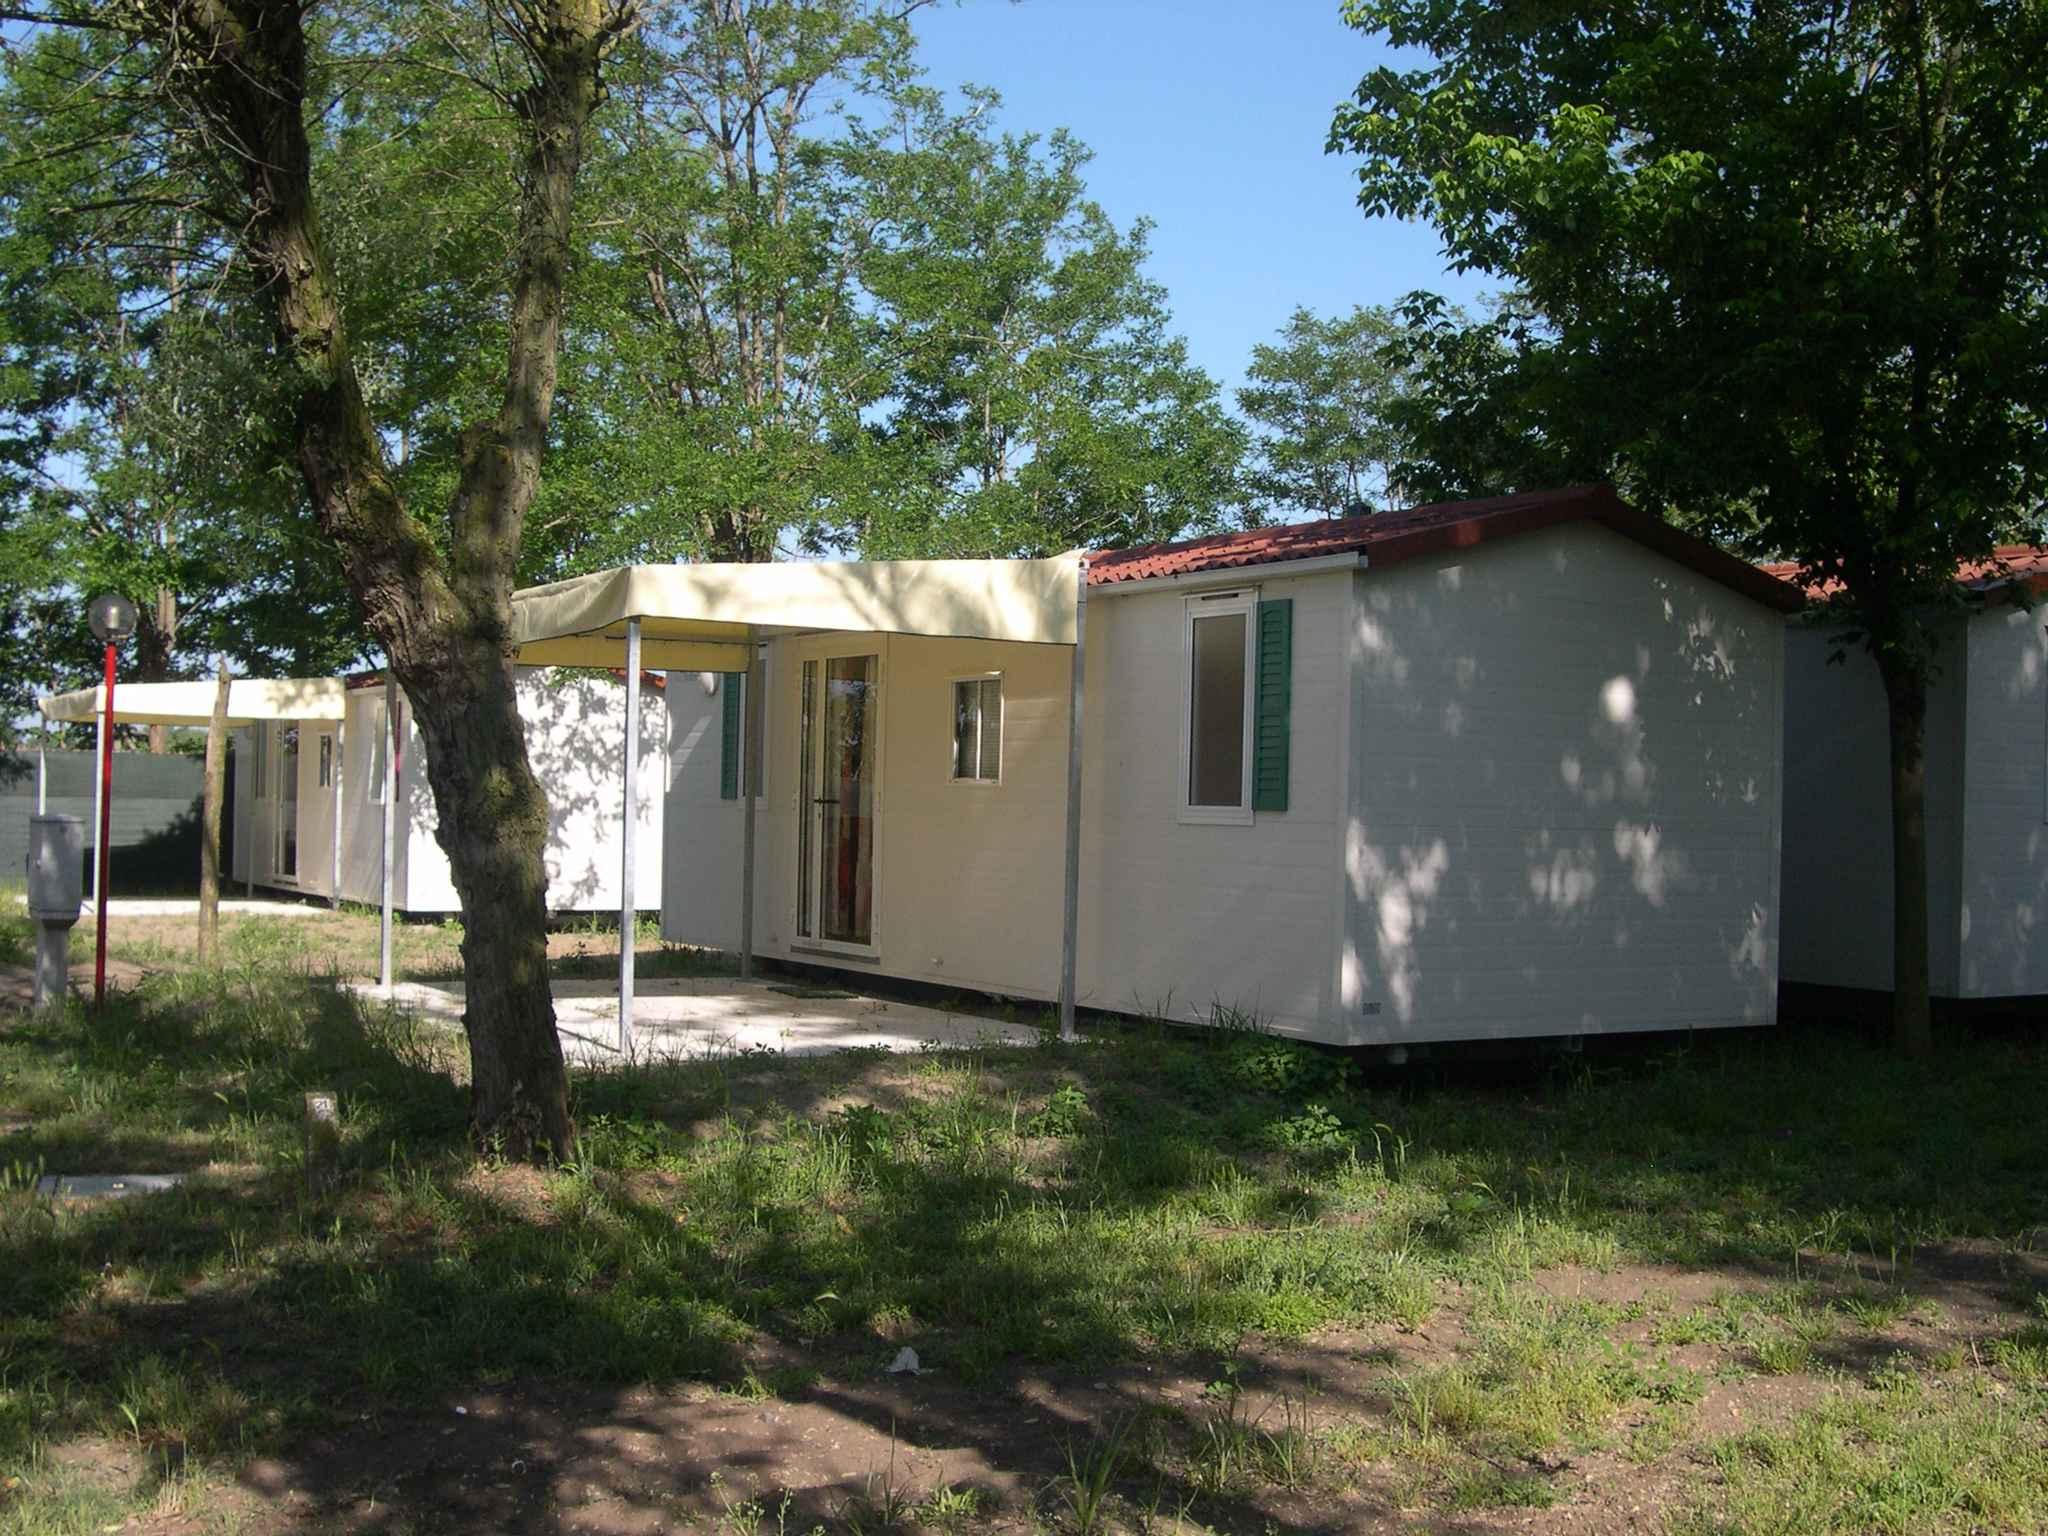 Holiday apartment Mobilehome in Camping Spiaggia e Mare (279174), Porto Garibaldi, Adriatic coast (Emilia-Romagna), Emilia-Romagna, Italy, picture 4